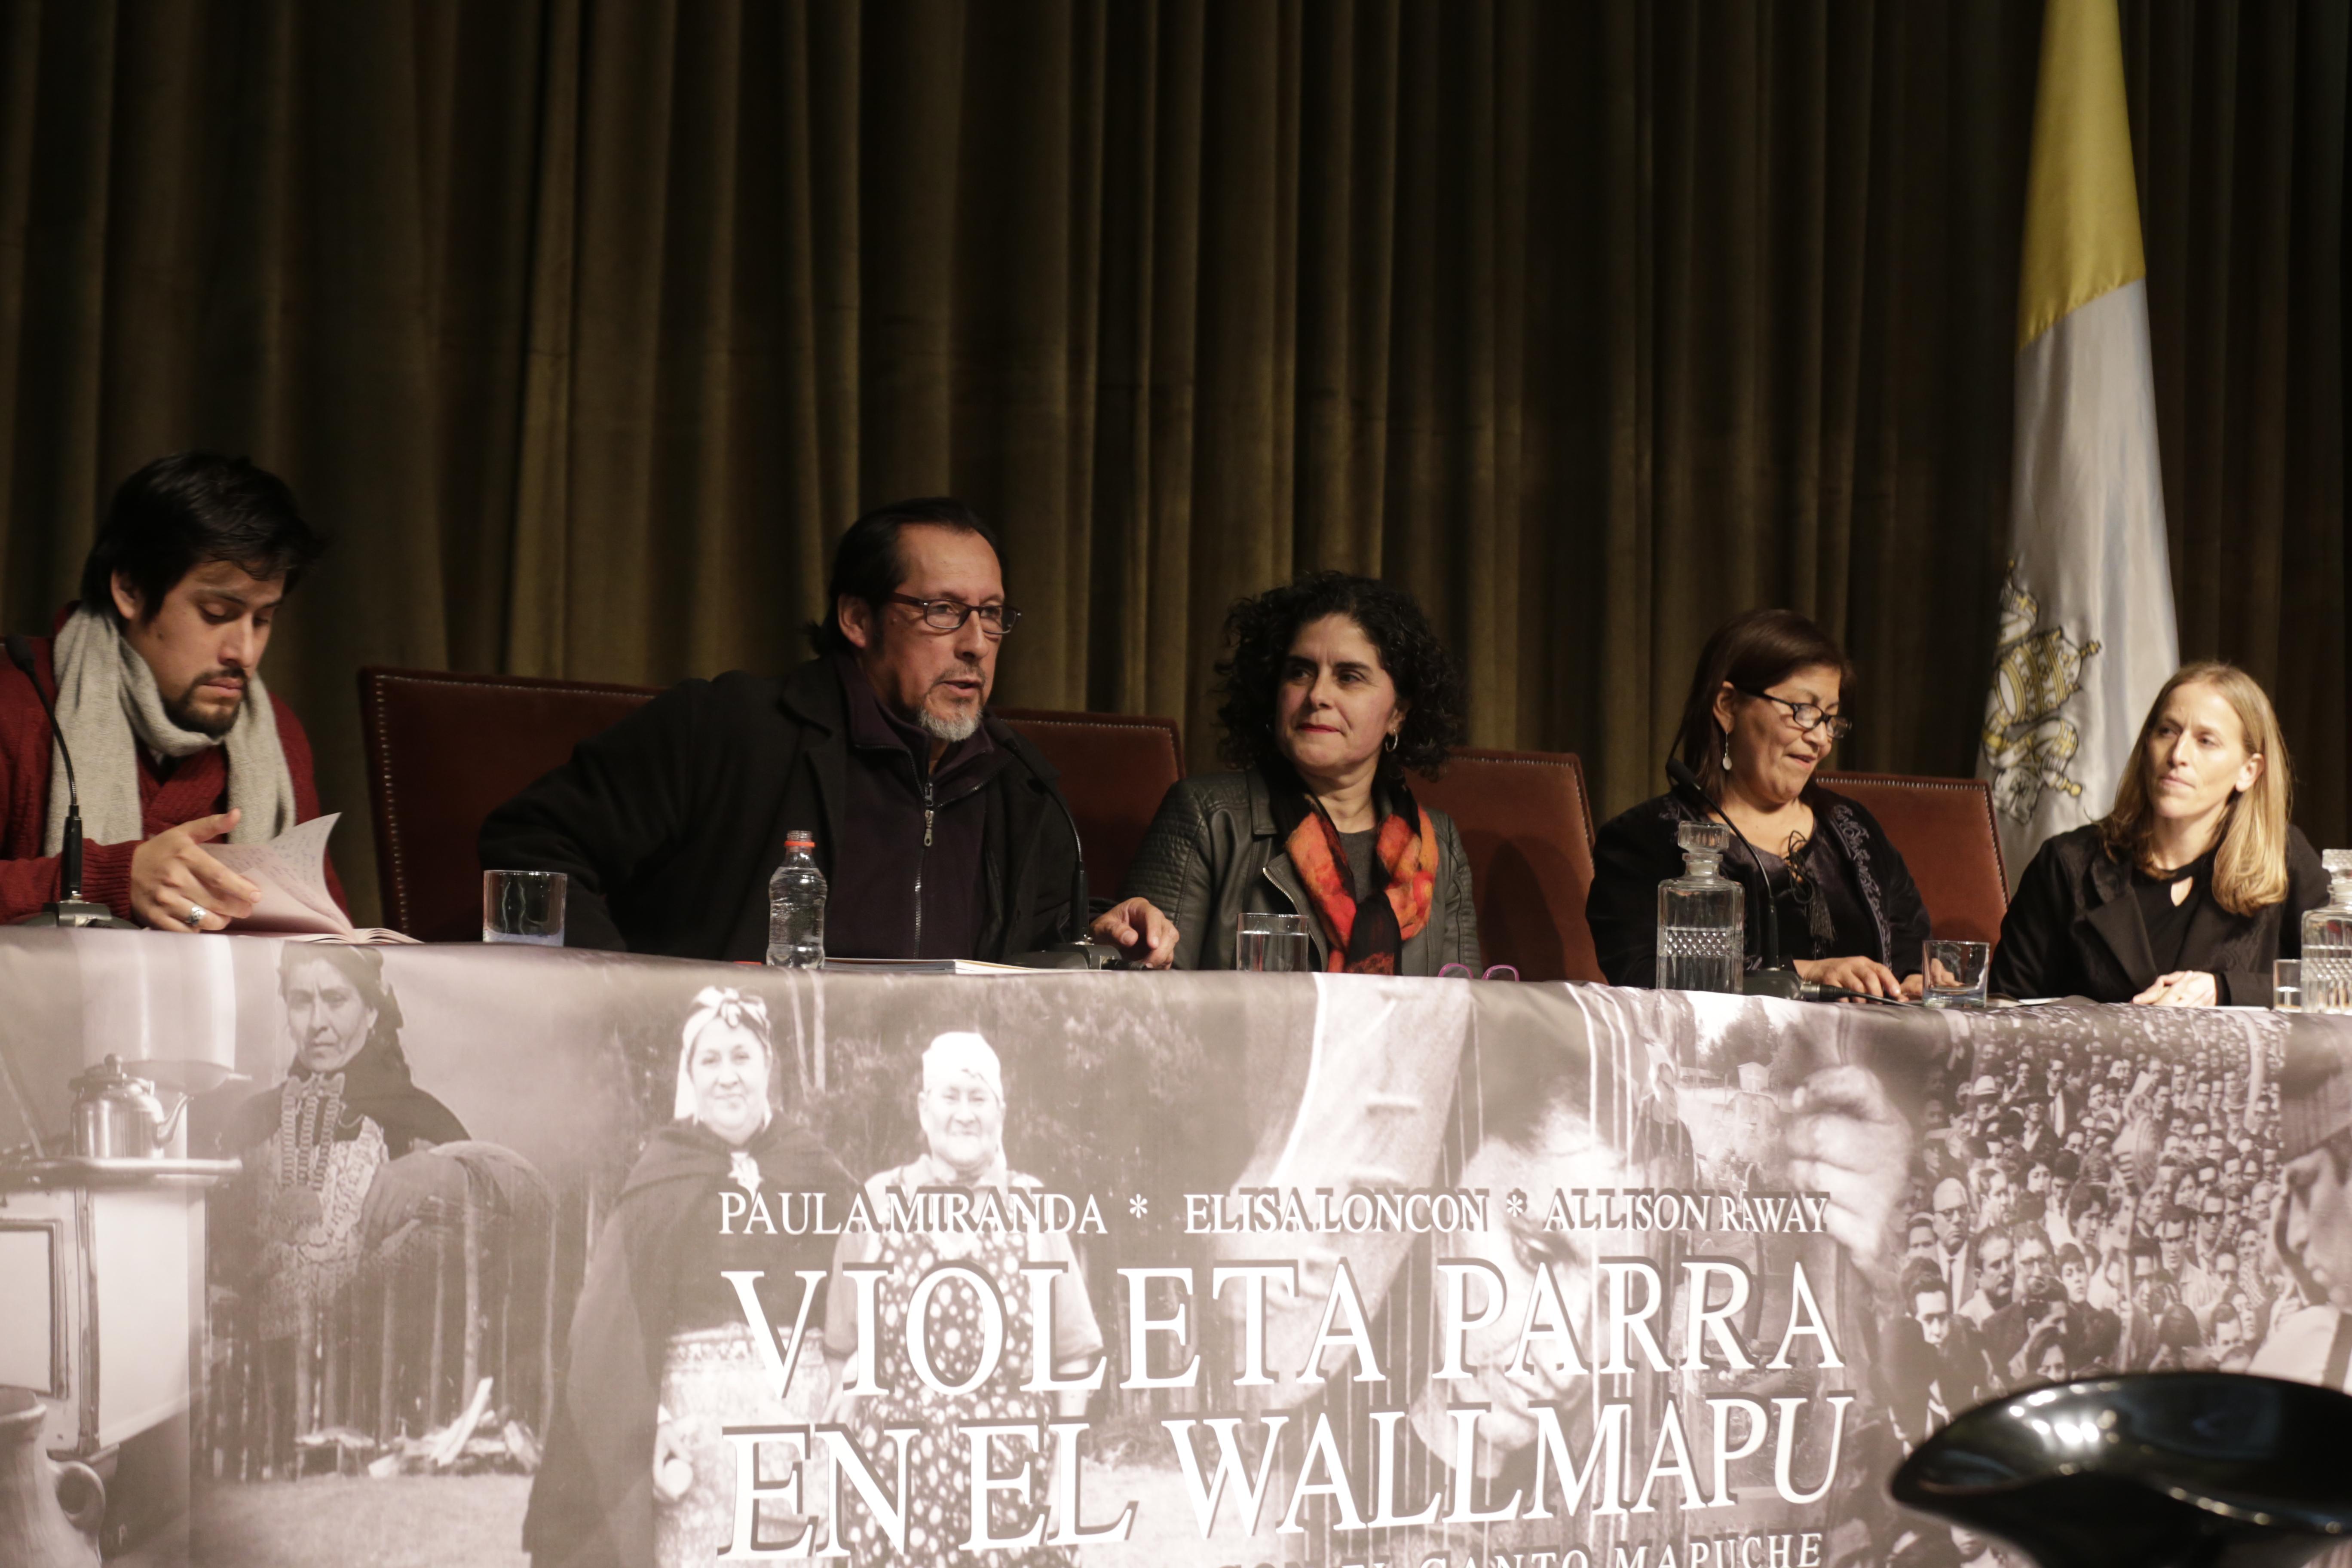 Chihuailaf en la presentación de libro Violeta Parra en el Wallmapu. Su encuentro con el canto mapuche, en la P. Universidad Católica de Chile, 2017.